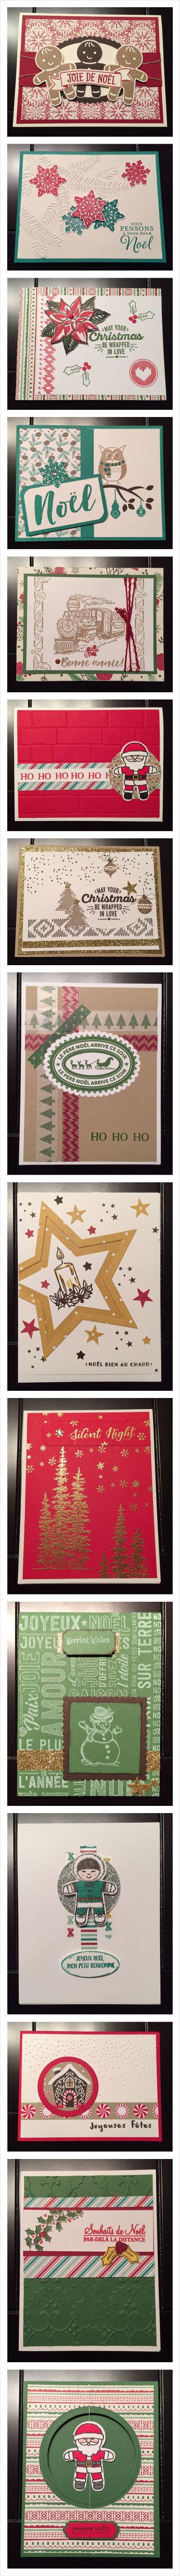 L'Estampe Frivole (Stampin'UP) Christmas Cards 2 Cartes de Noel 2